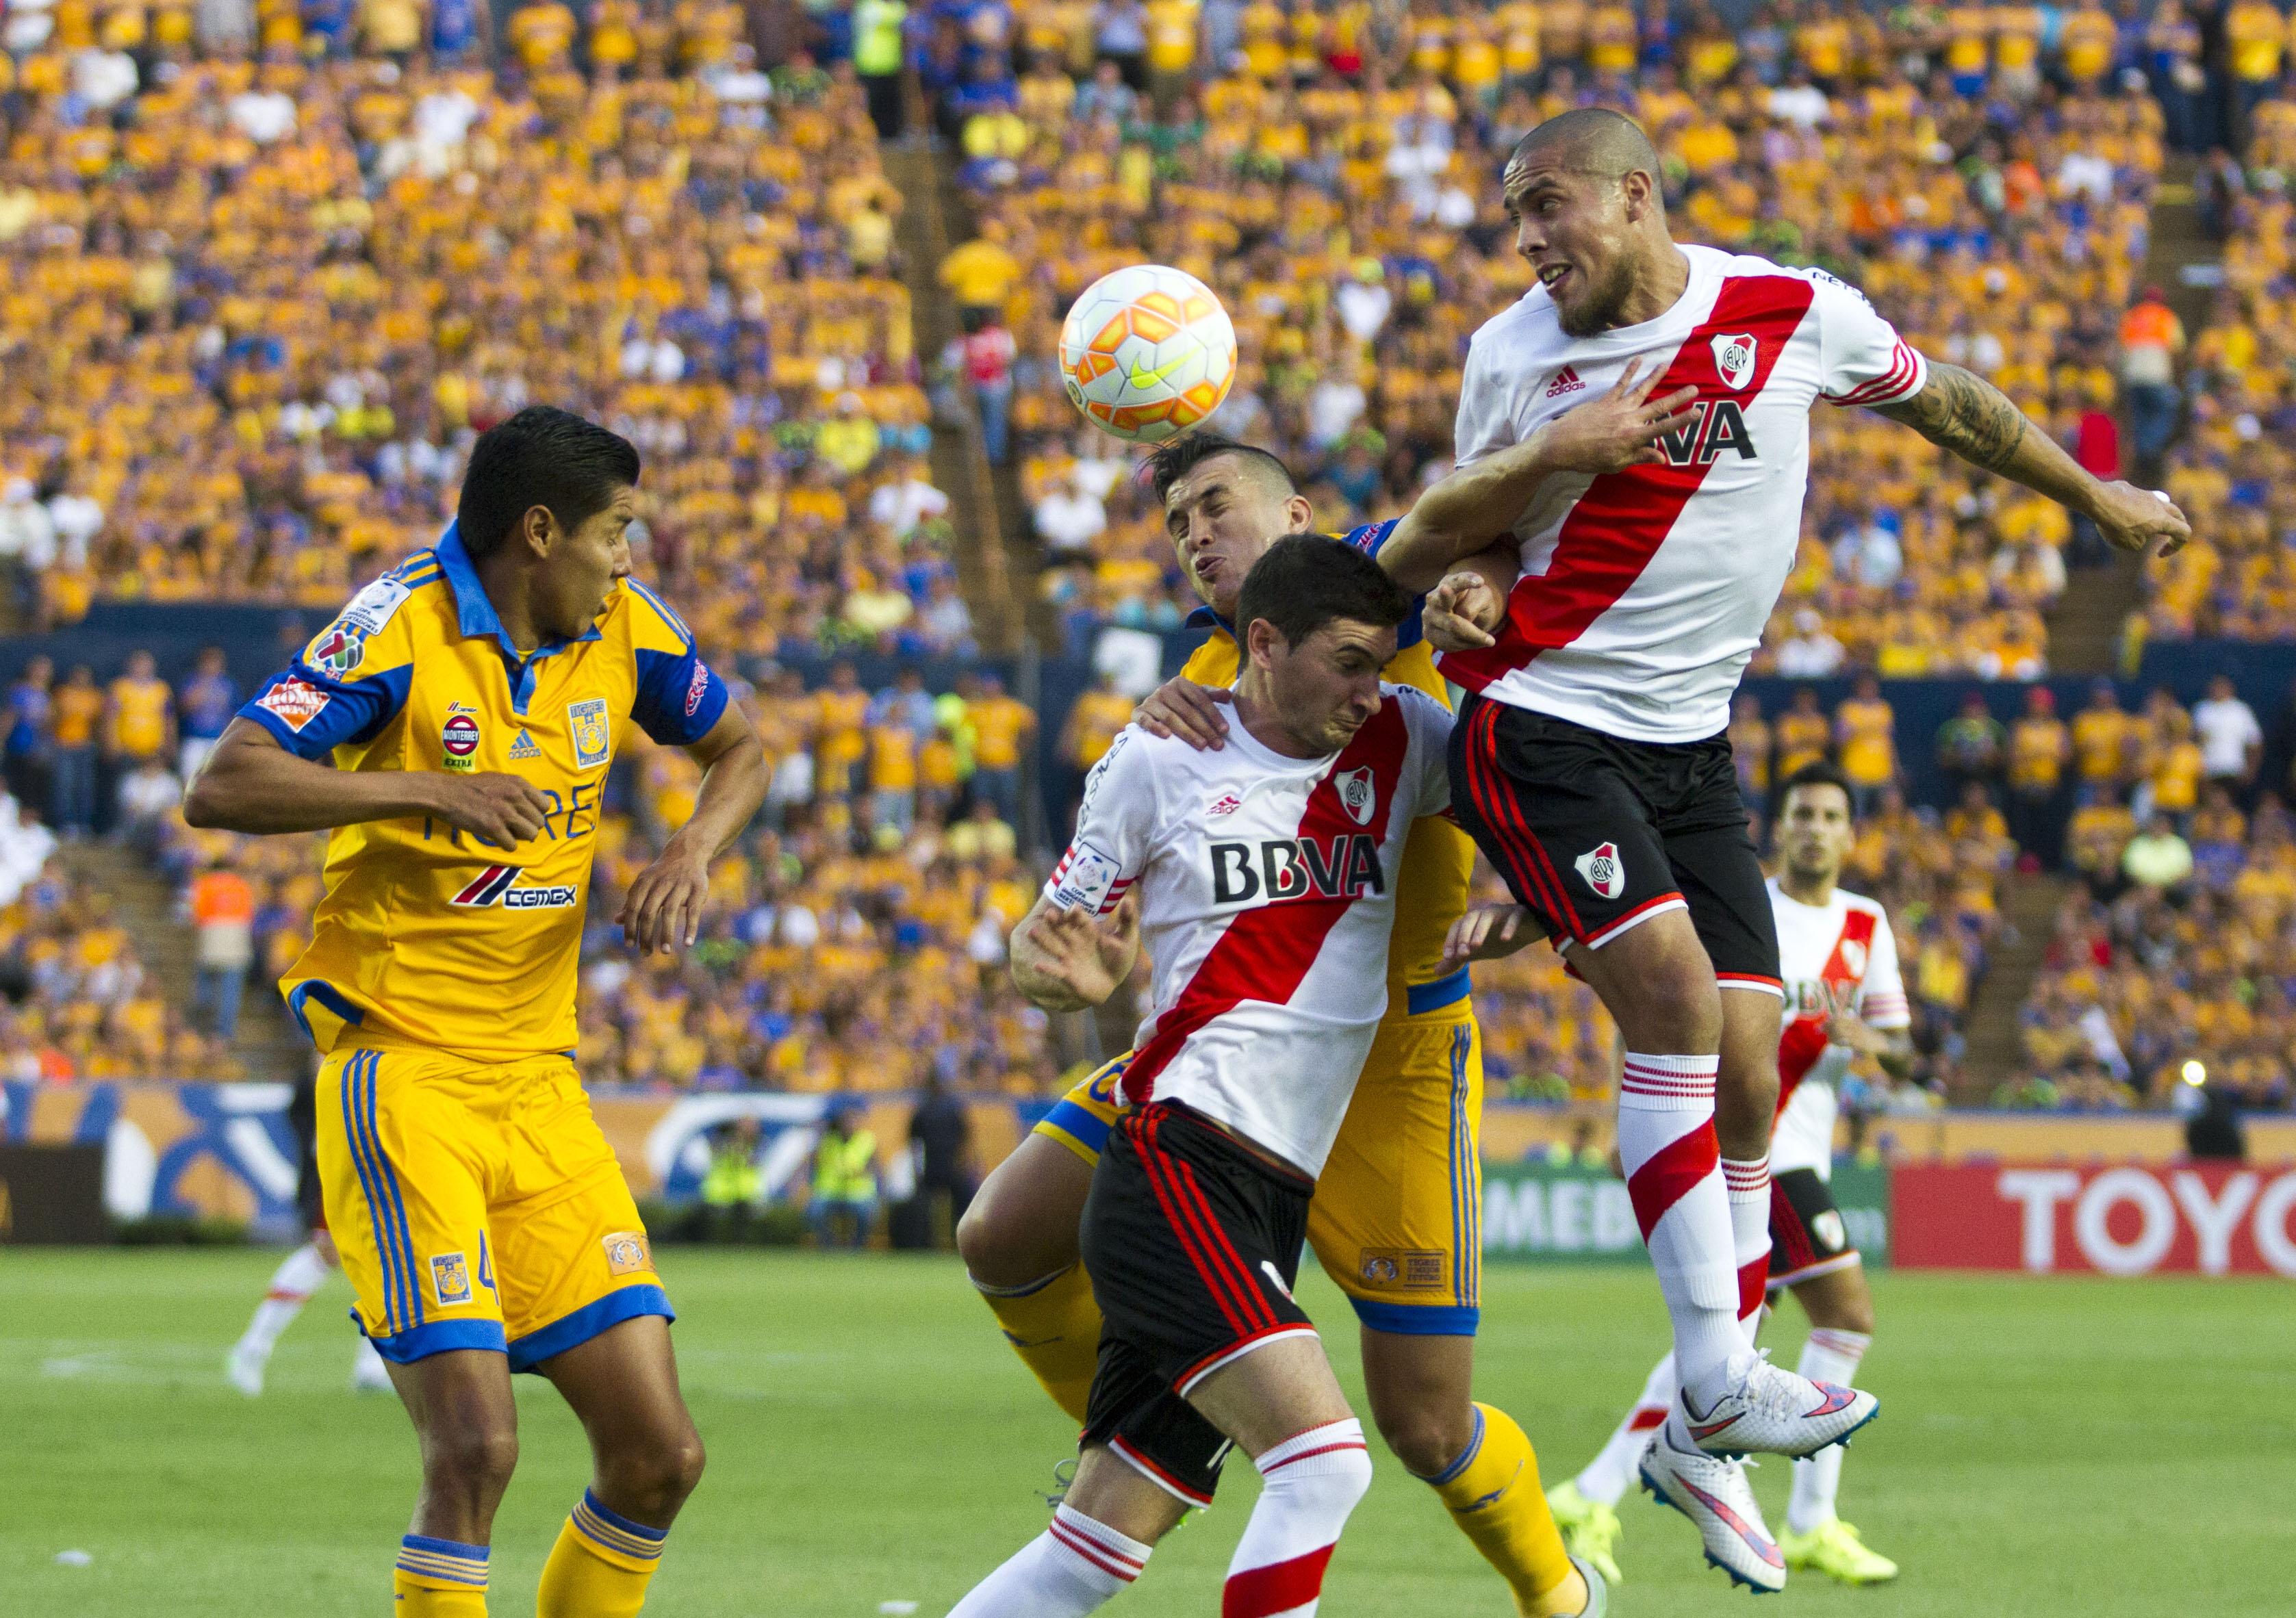 Tigres es el último equipo mexicano en llegar a la final de la Libertadores: fue en 2015 y perdió ante River Plate de Argentina (Foto: Cuartoscuro)